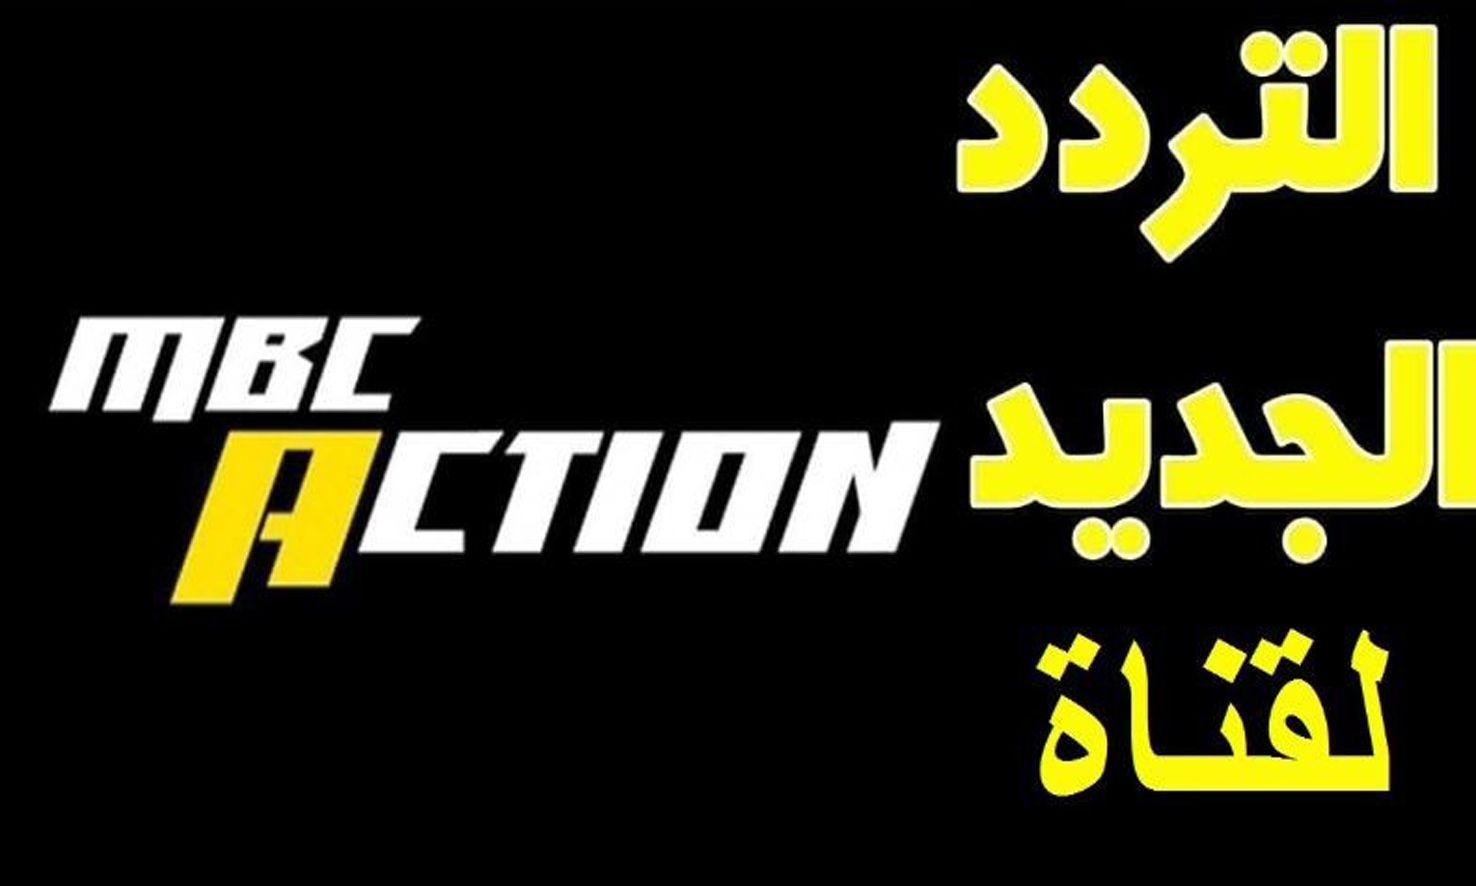 تردد قناة ام بي سي أكشن Mbc Action الجديد 2020 لمشاهدة أشهر الأفلام العالمية Poster Movie Posters Movies